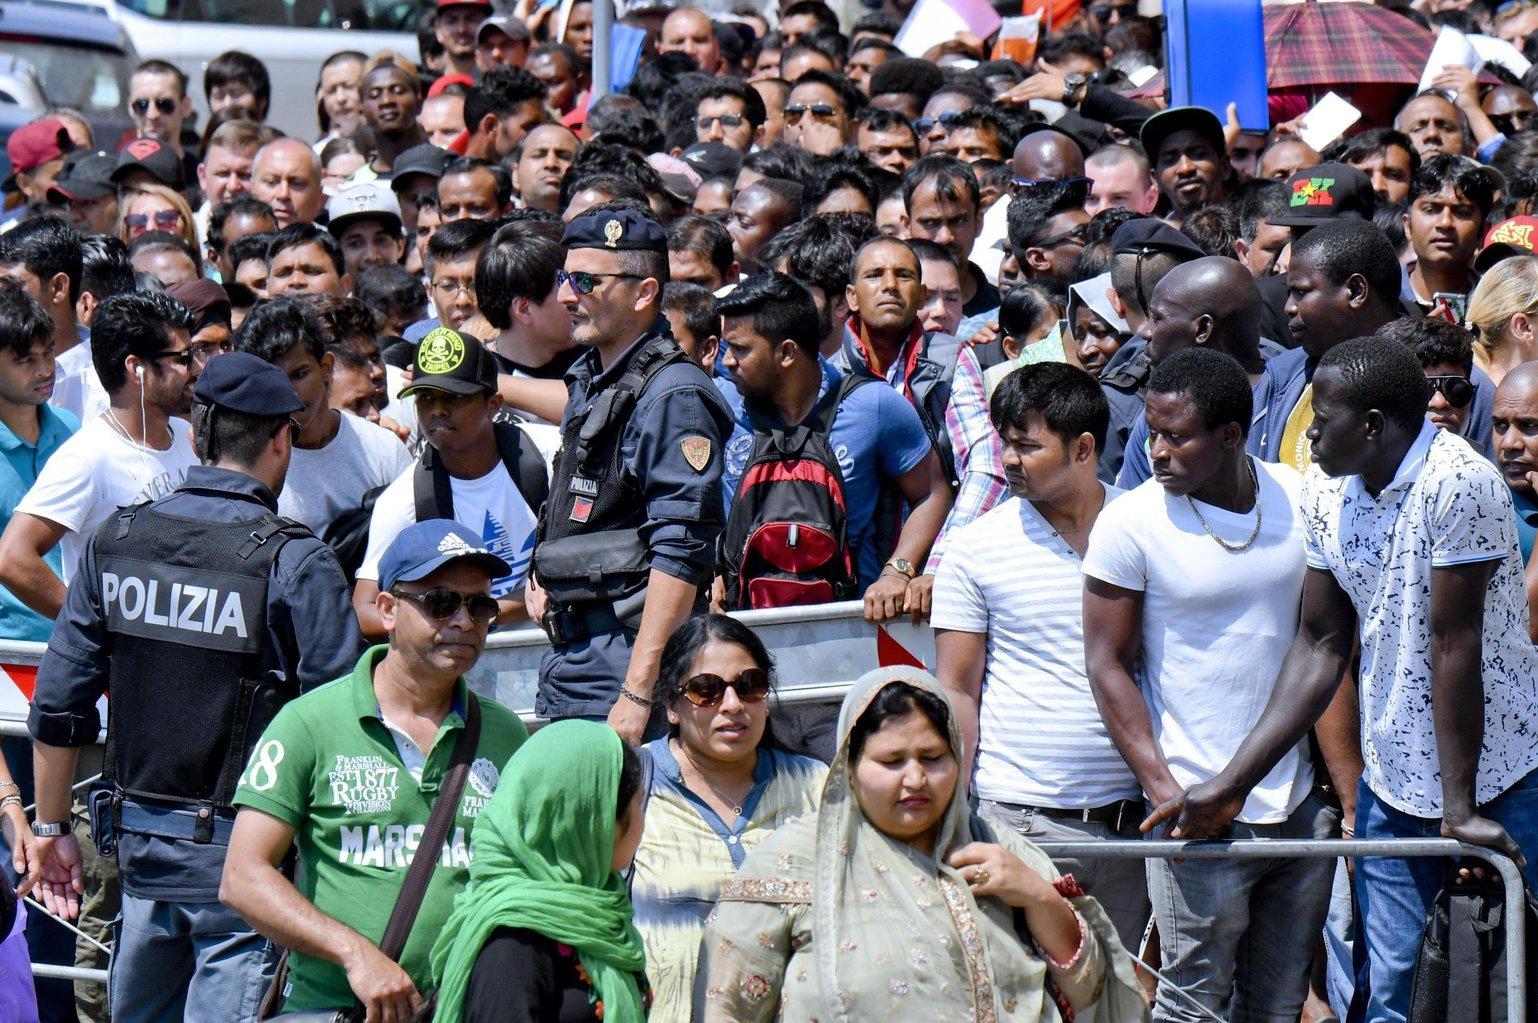 Bevándorlók tartózkodási engedélyre várnak a nápolyi rendőrkapitányság bevándorlási hivatala előtt (Fotó: MTI/EPA/Ciro Fusco)